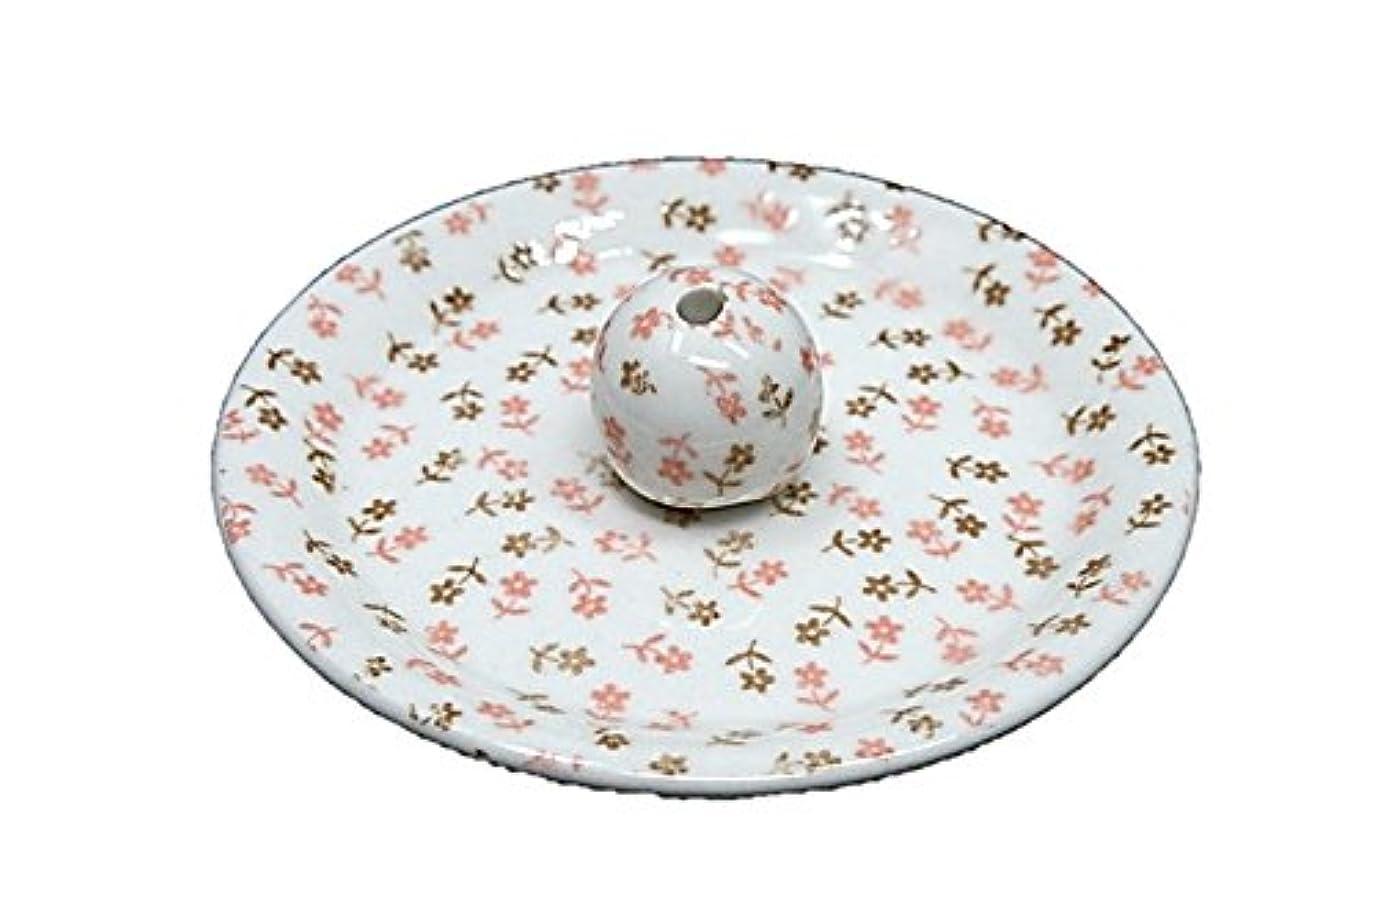 ほめる検出器ベジタリアン9-19 ミニフラワー 9cm香皿 お香立て お香たて 陶器 日本製 製造?直売品